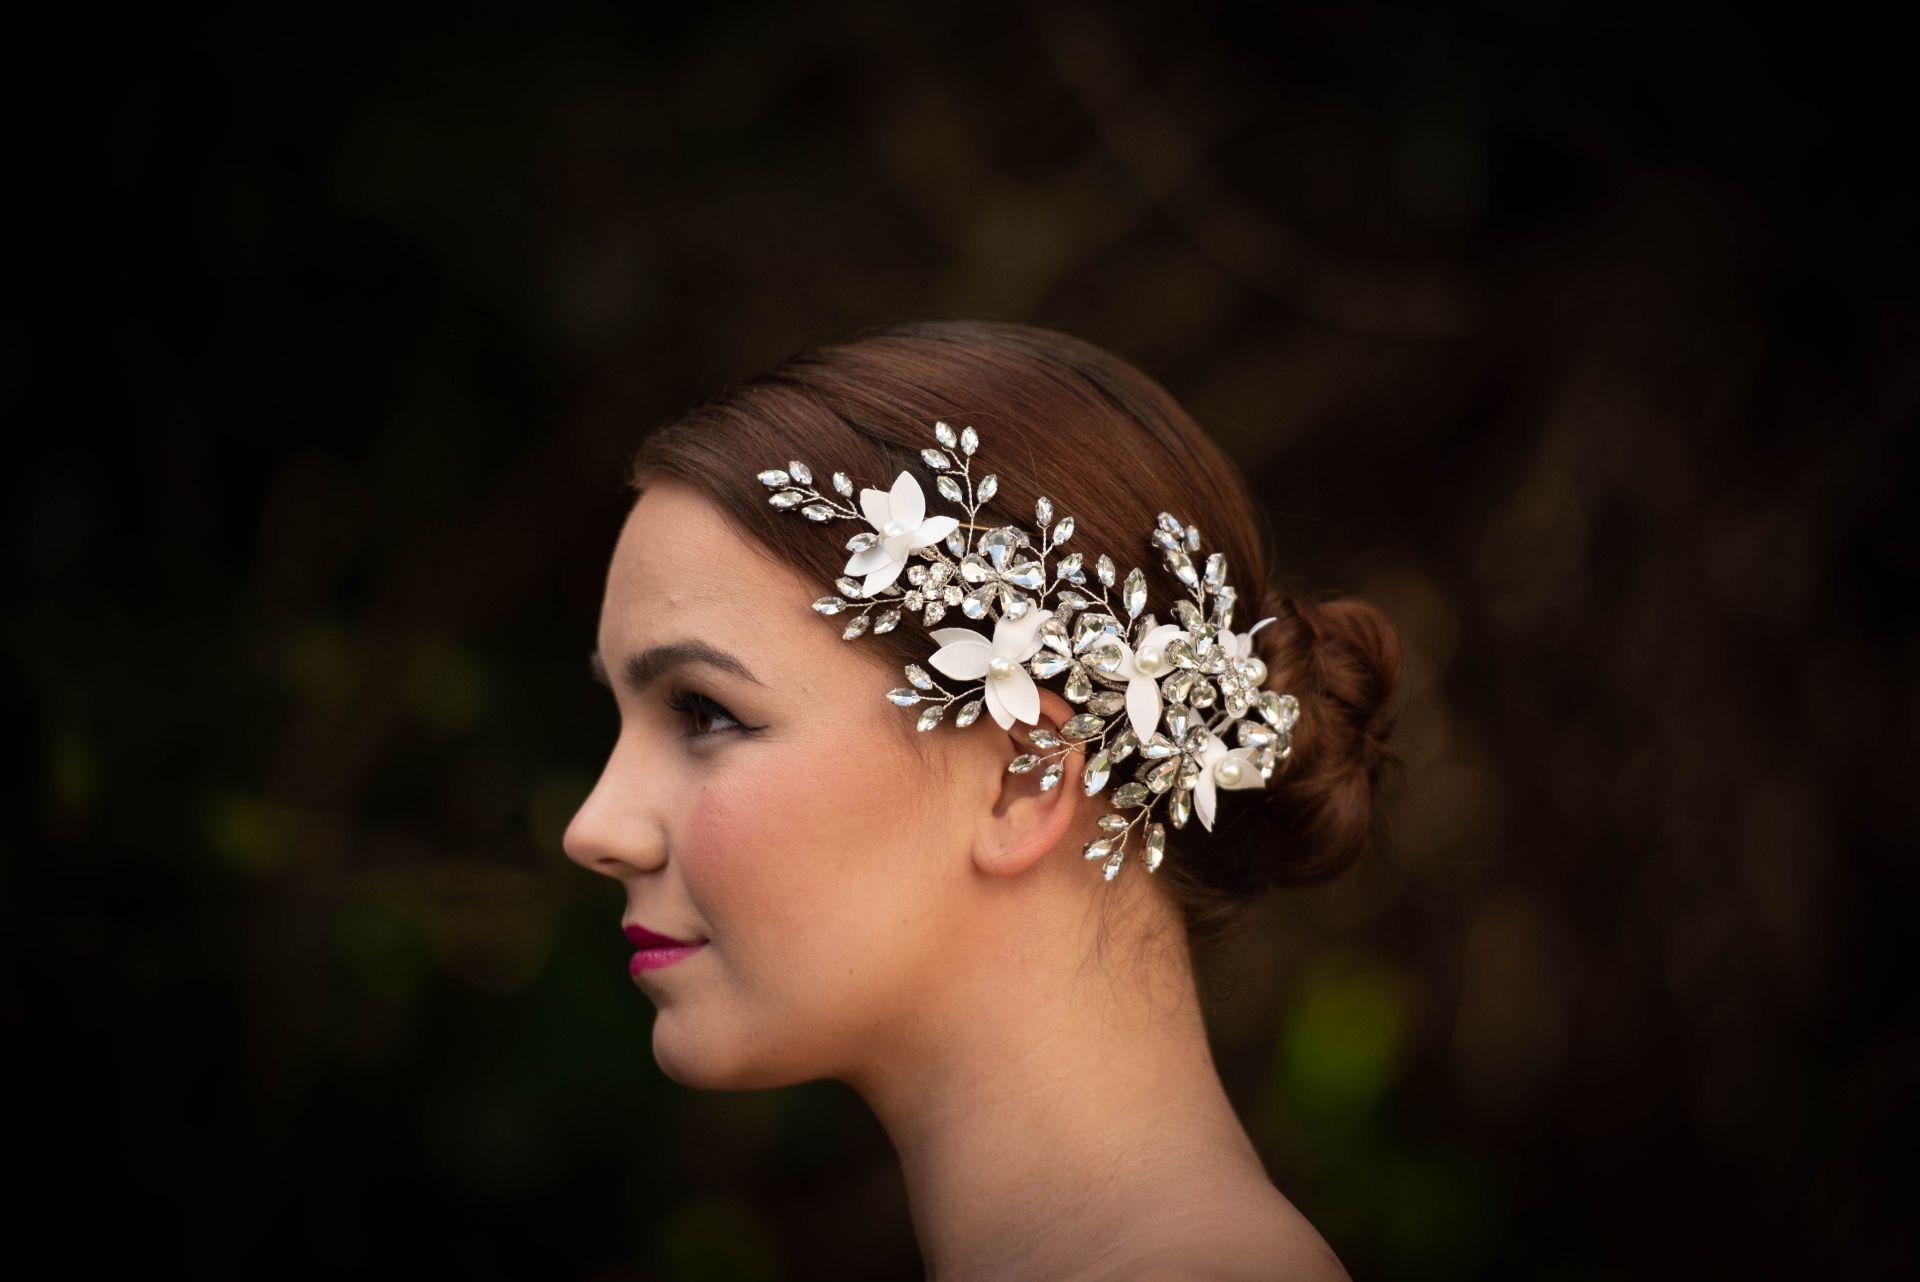 Manchester, makeup artist Manchester, mua, Cheshire wedding, cheshire bride, cheshire mua, cheshire makeup artist, Knutsford mua, Knutsford makeup artist